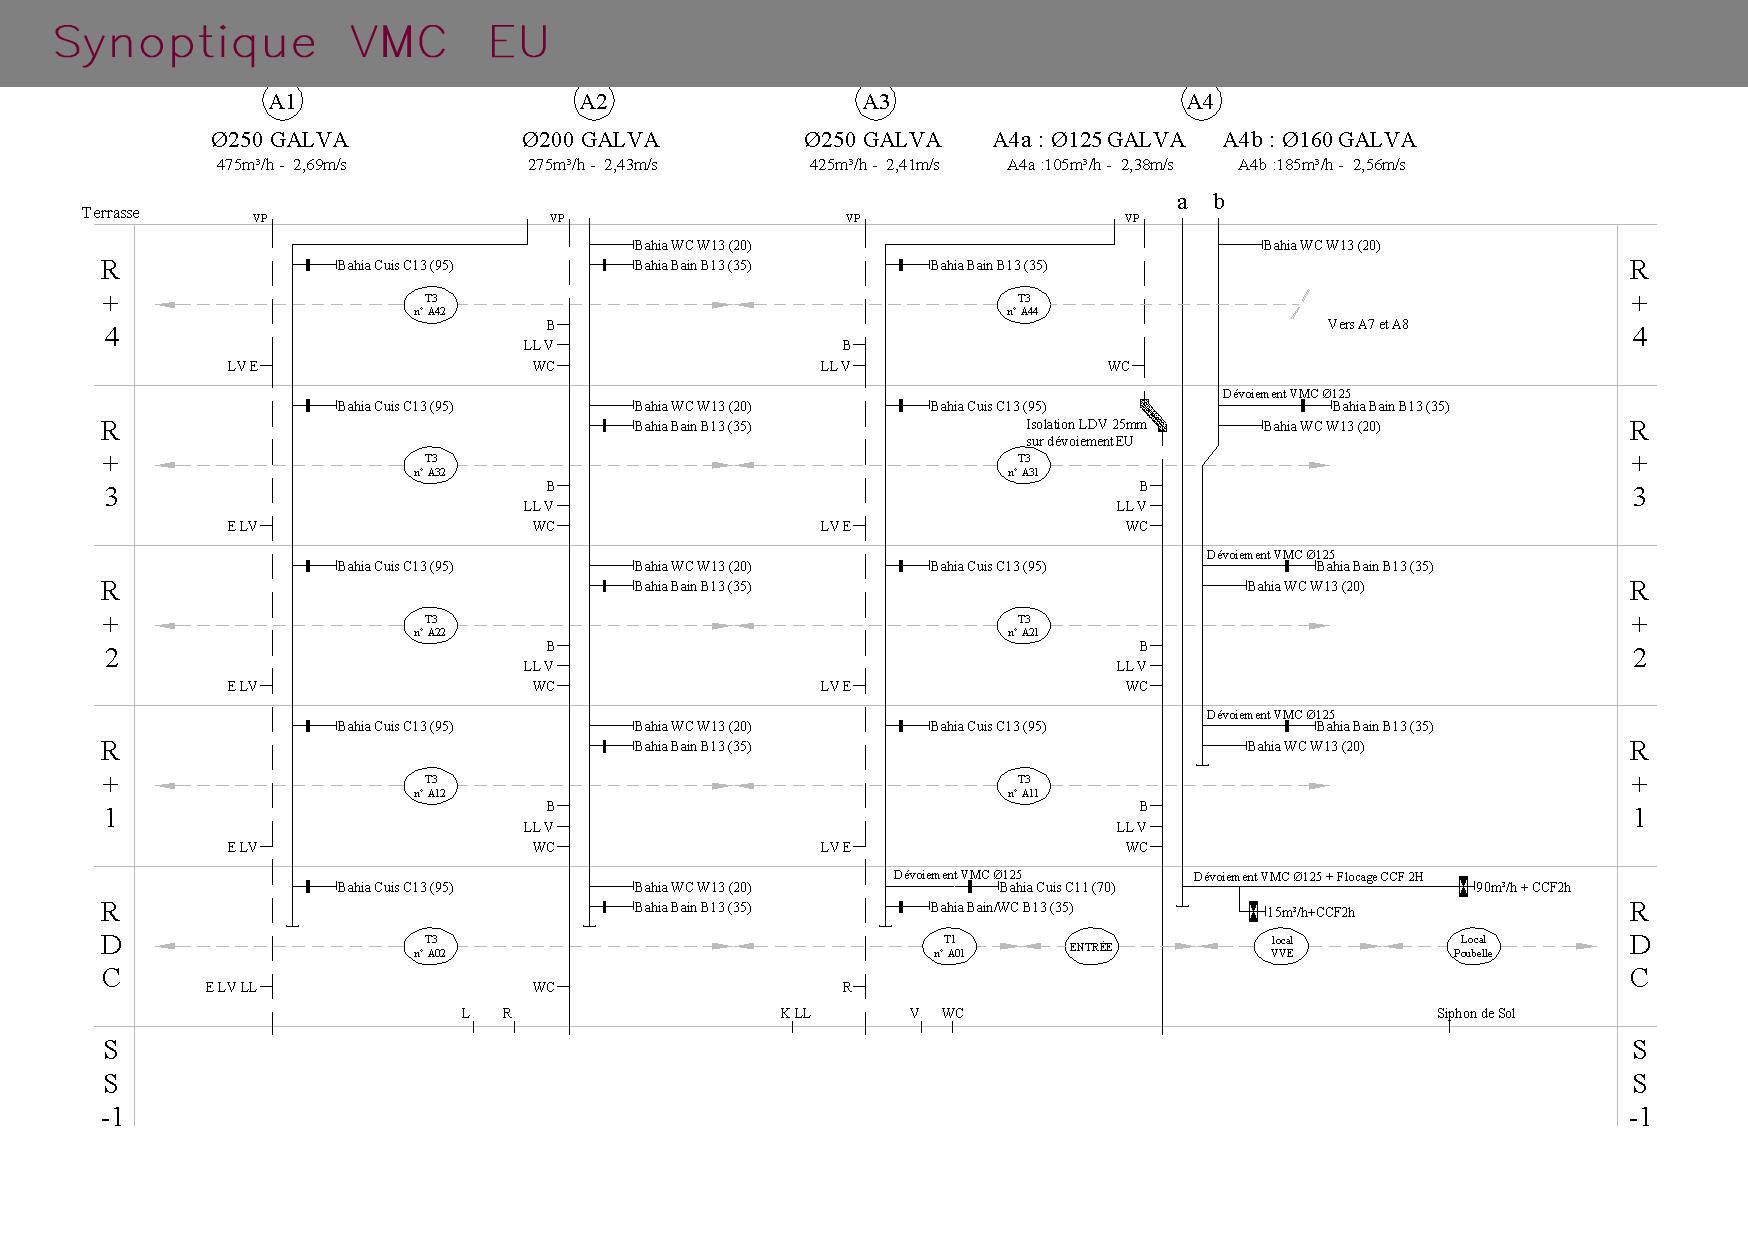 Schéma VMC EU : synoptique